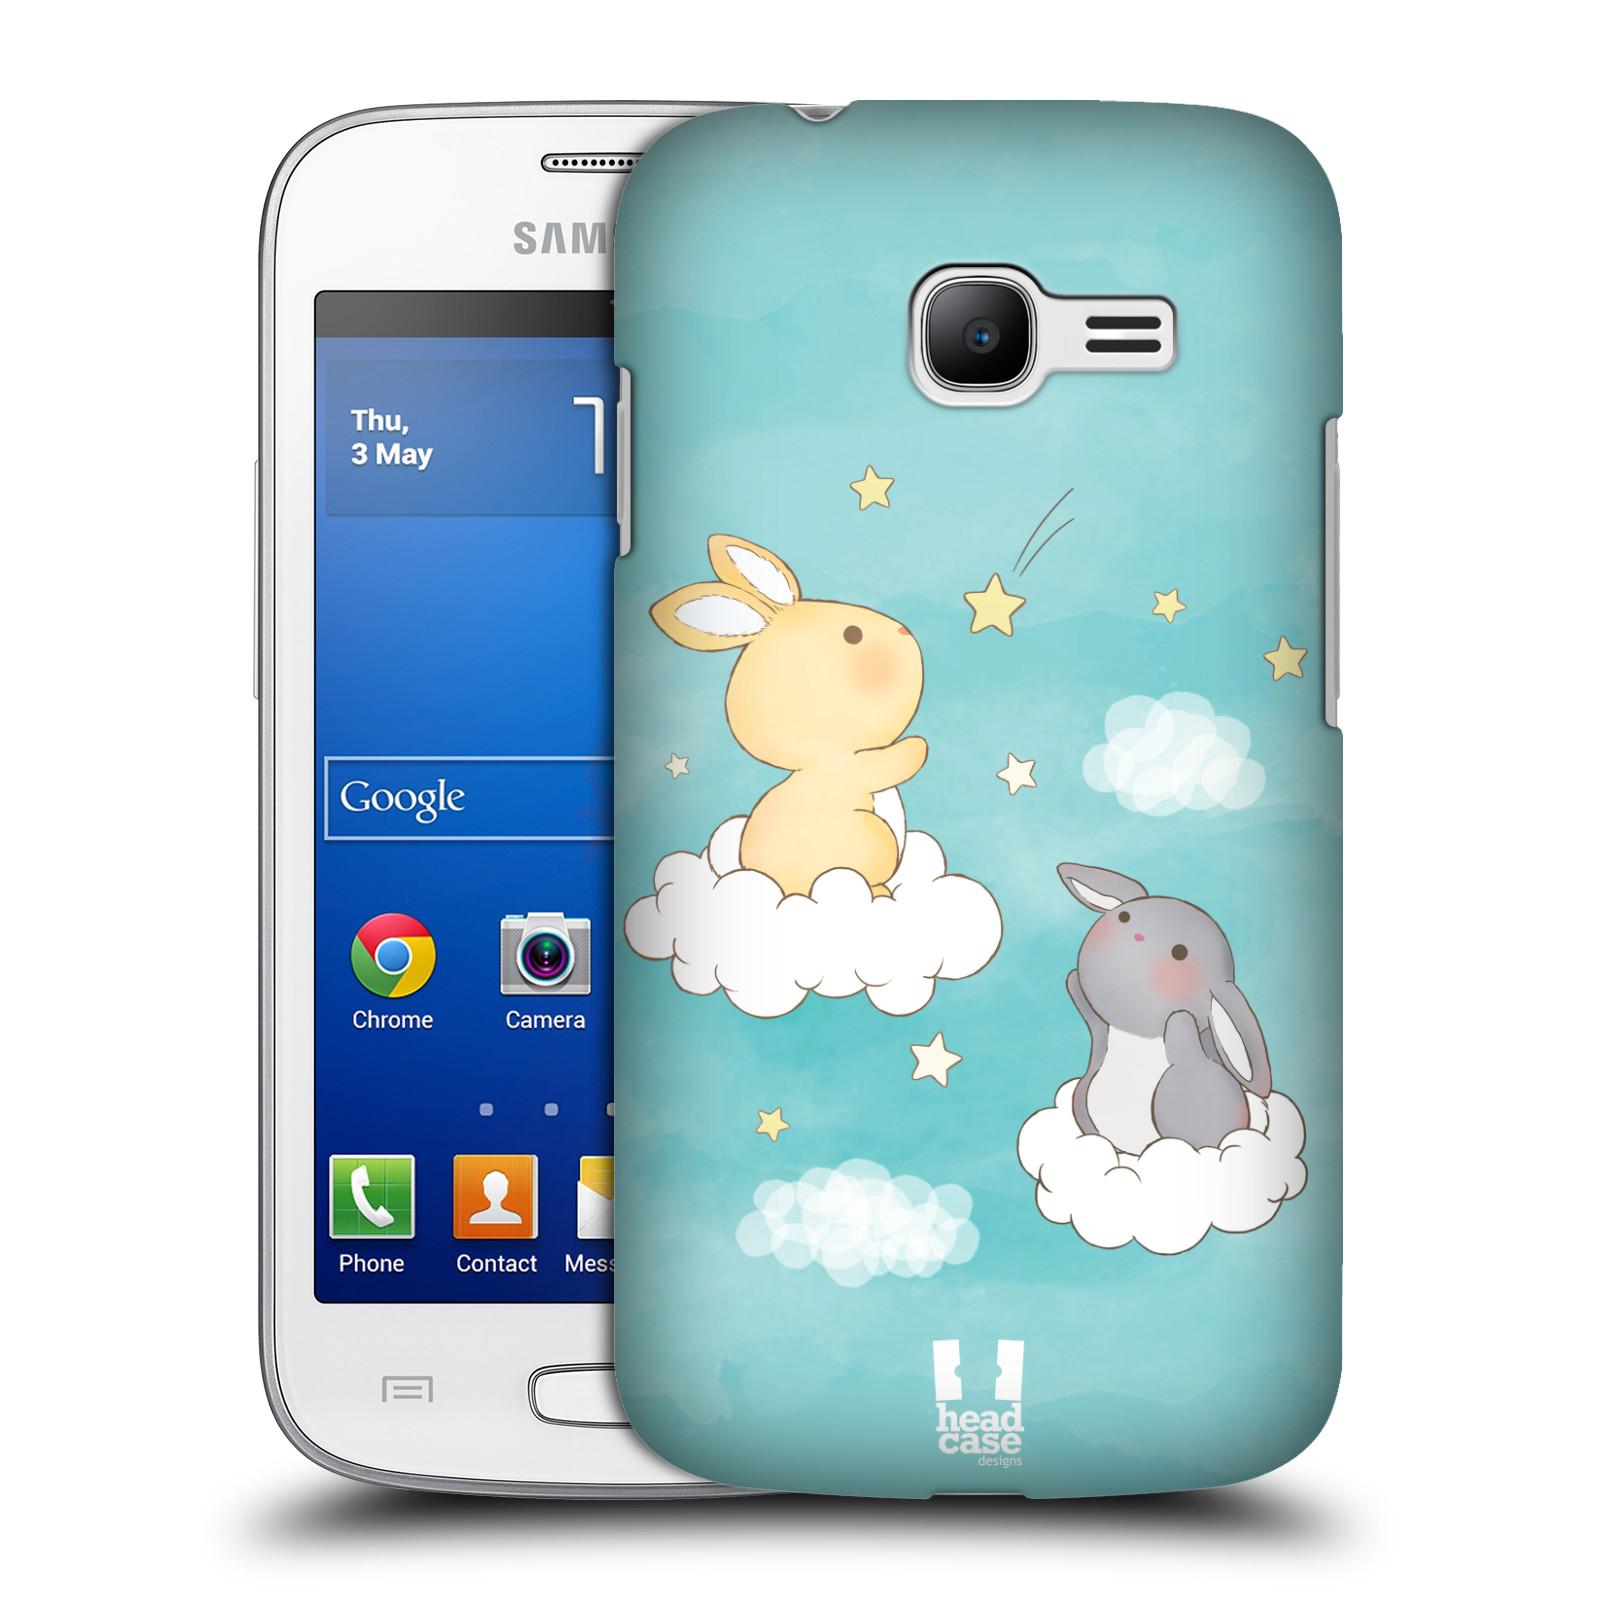 HEAD CASE plastový obal na mobil SAMSUNG GALAXY Star Pro S7260/S7262 DUOS vzor králíček a hvězdy modrá